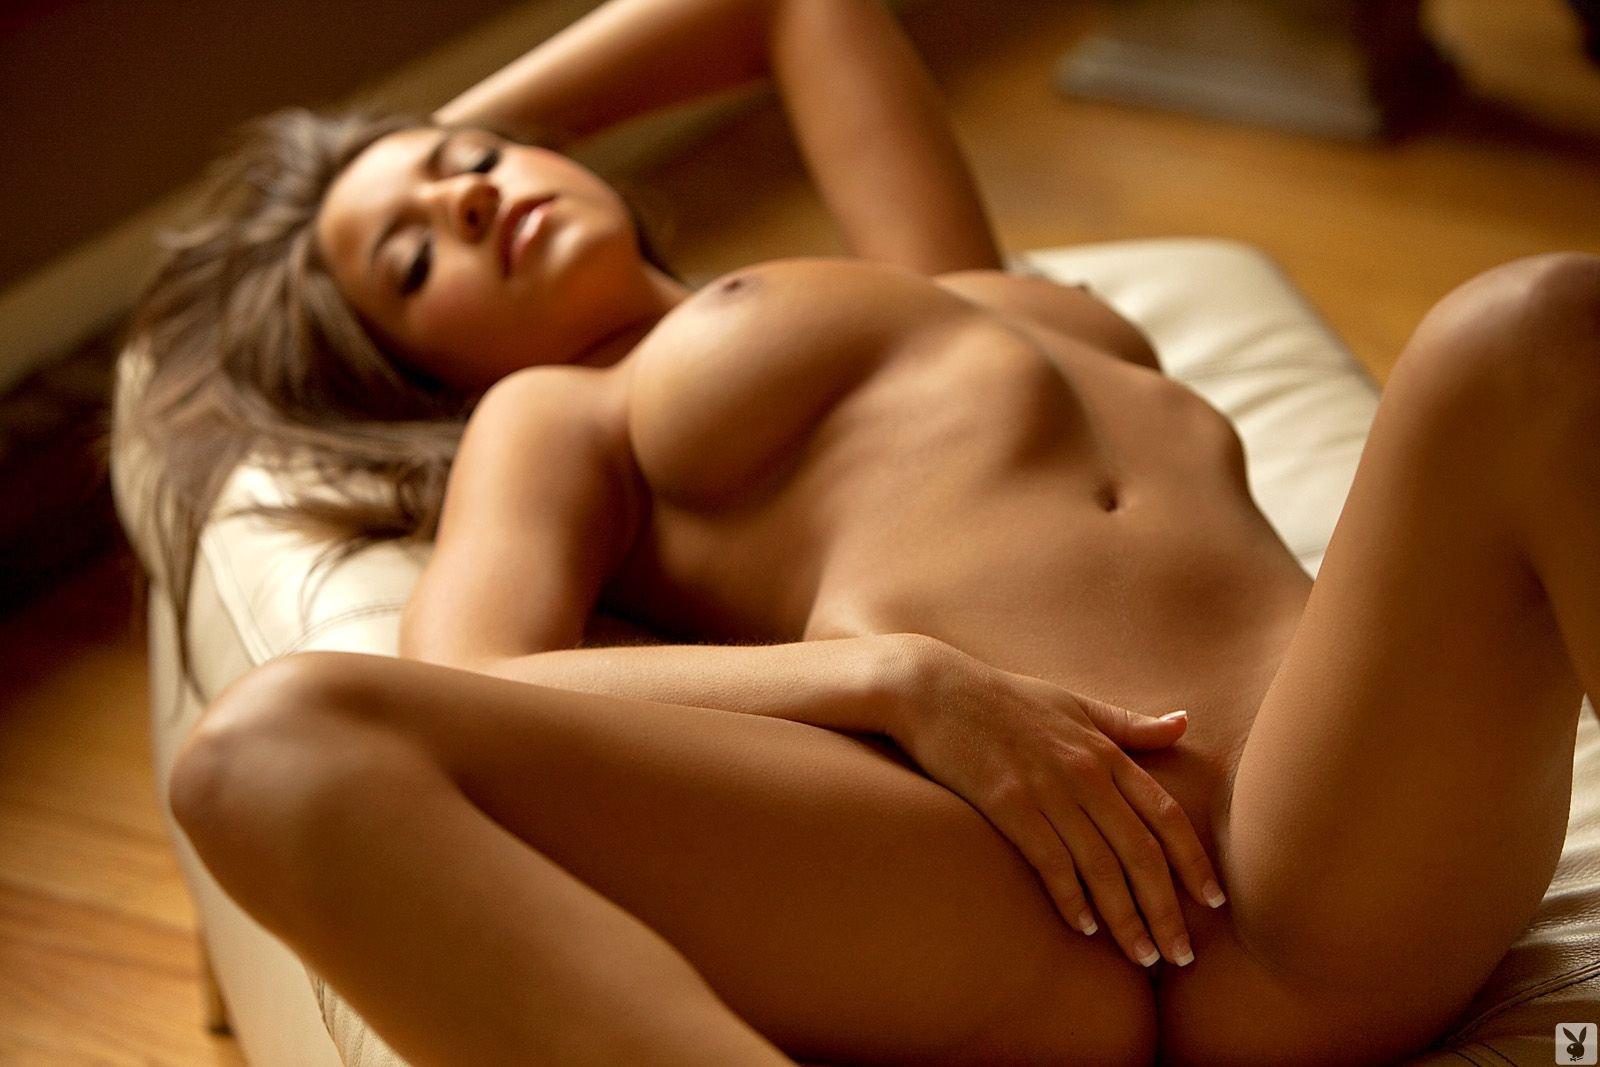 анальную девушки с красивыми фигурами порно видео орфография